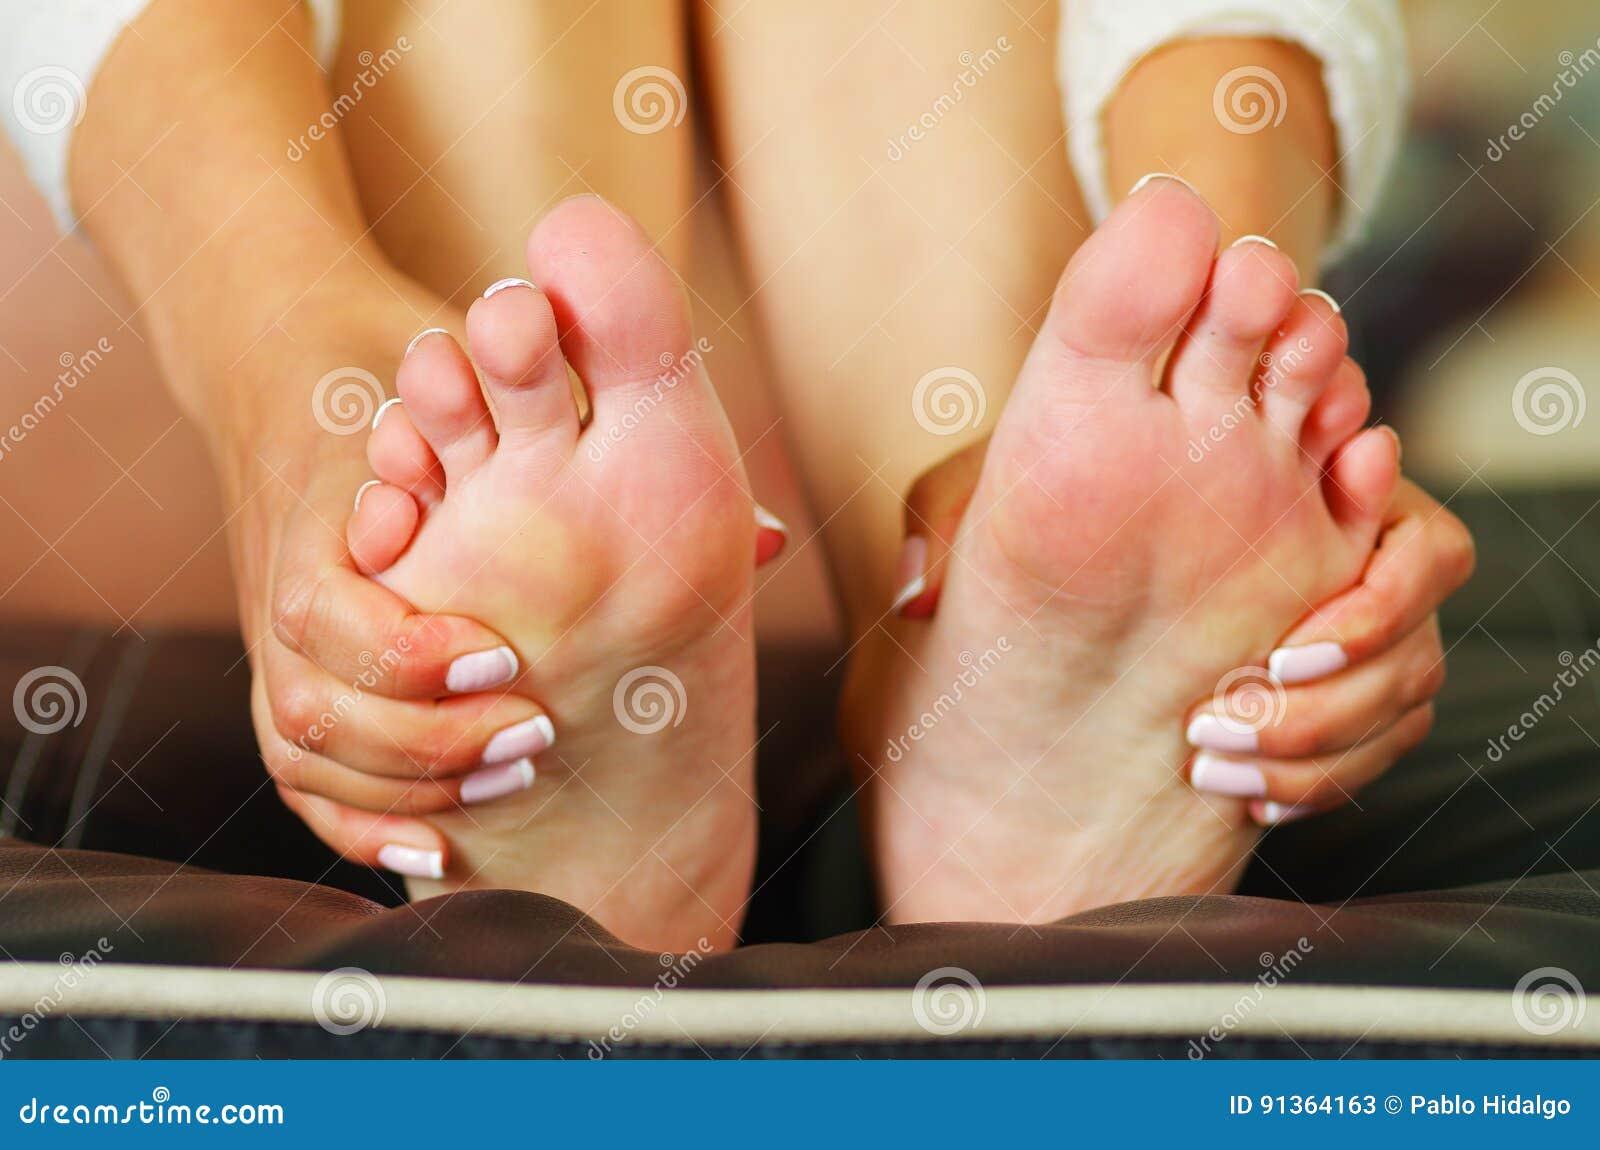 Pijn in de voet, automassage van beide vrouwelijke voeten